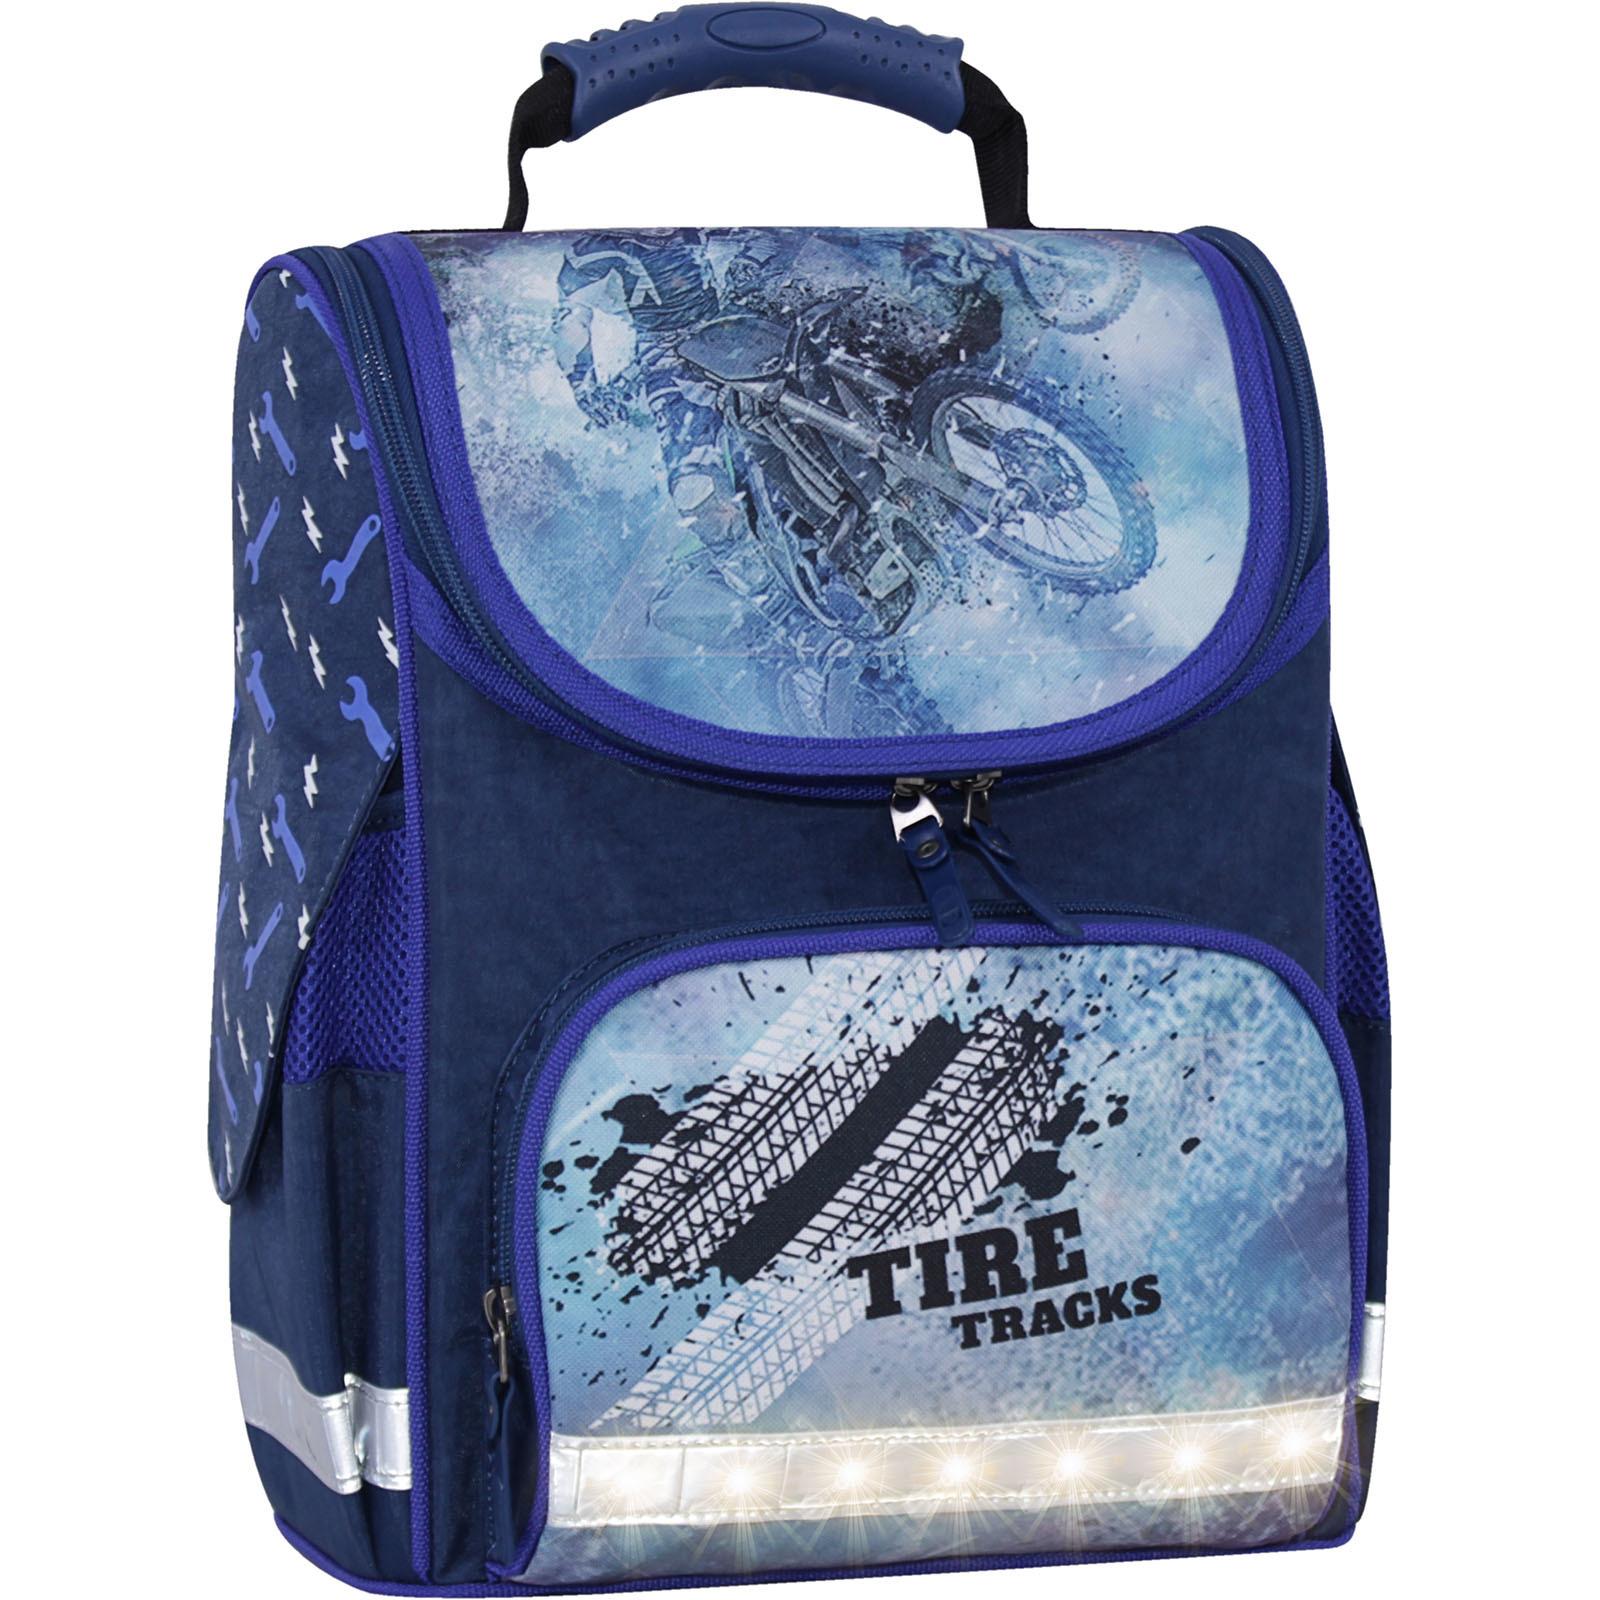 Школьные рюкзаки Рюкзак школьный каркасный с фонариками Bagland Успех 12 л. синий 534 (00551703) IMG_3745свет.суб534-1600.jpg